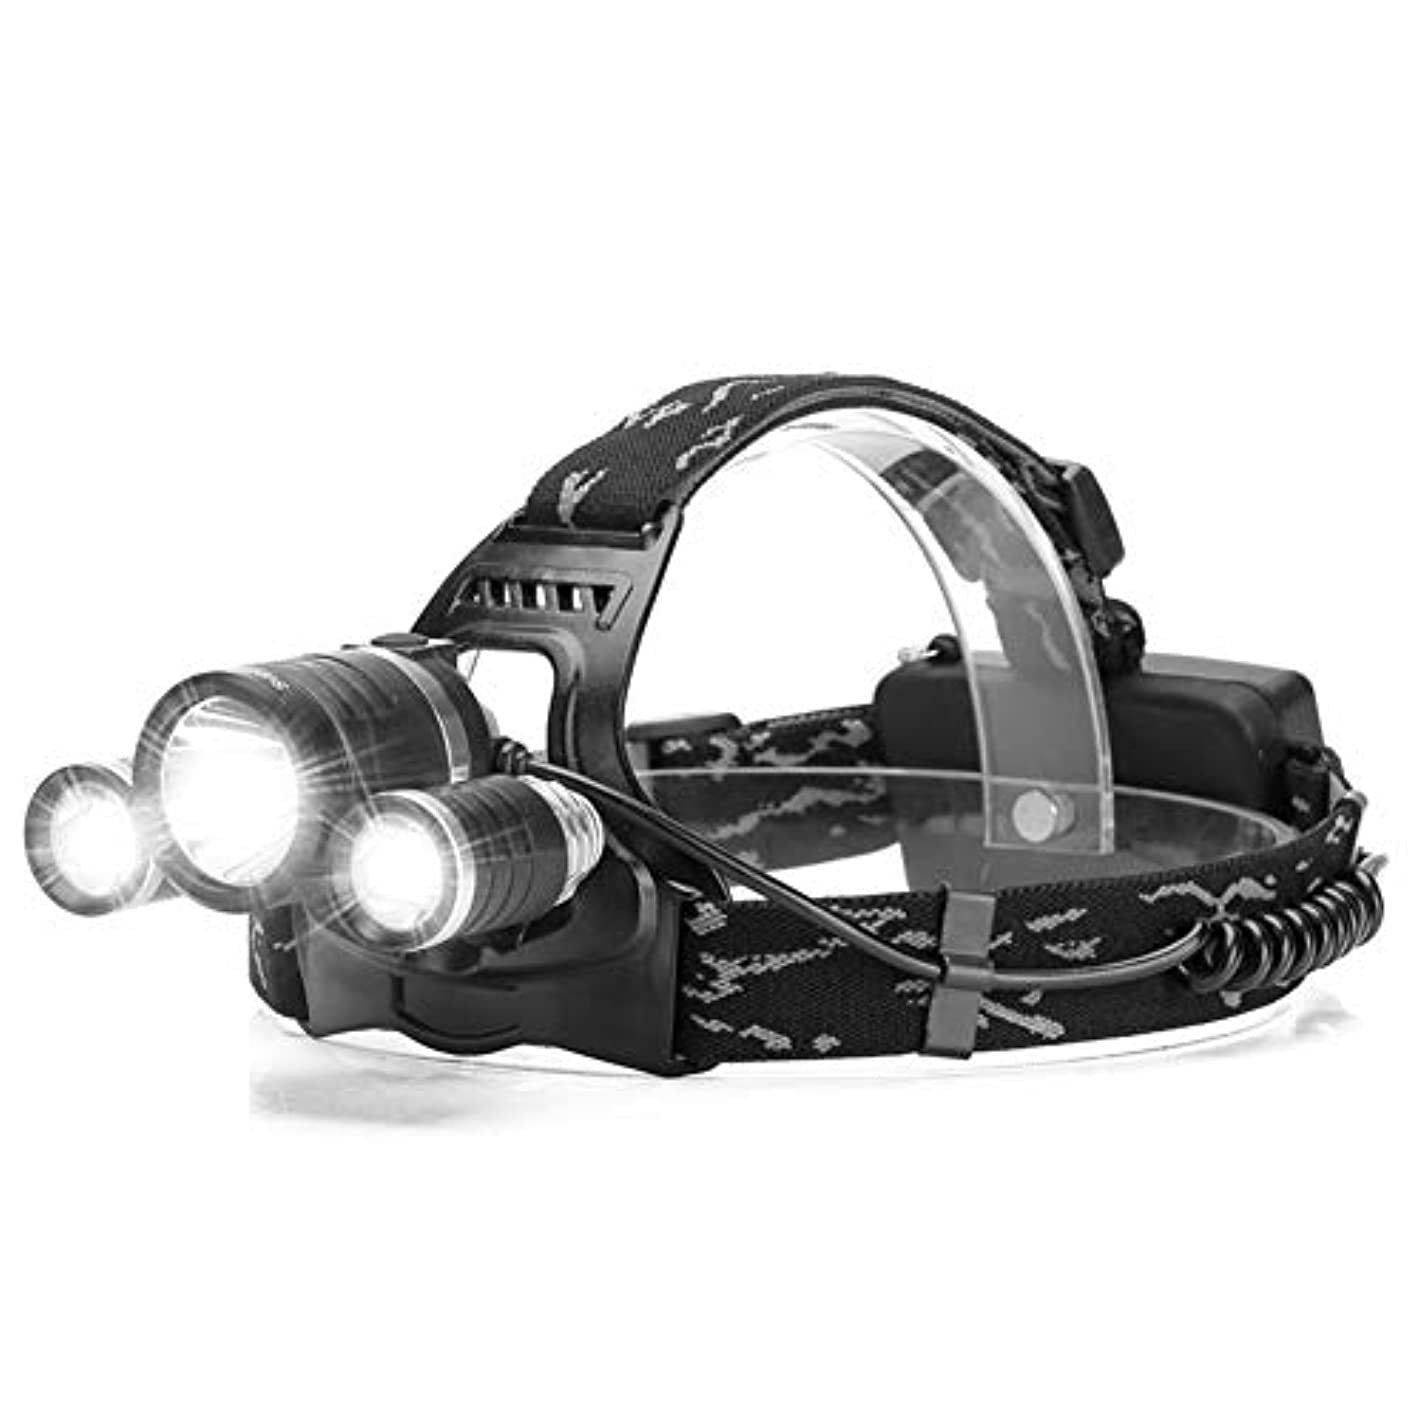 オリエンテーション返還シーケンスヘッドライト,多機能仕事屋外登山釣り防水スーパーブライトヘッドライト